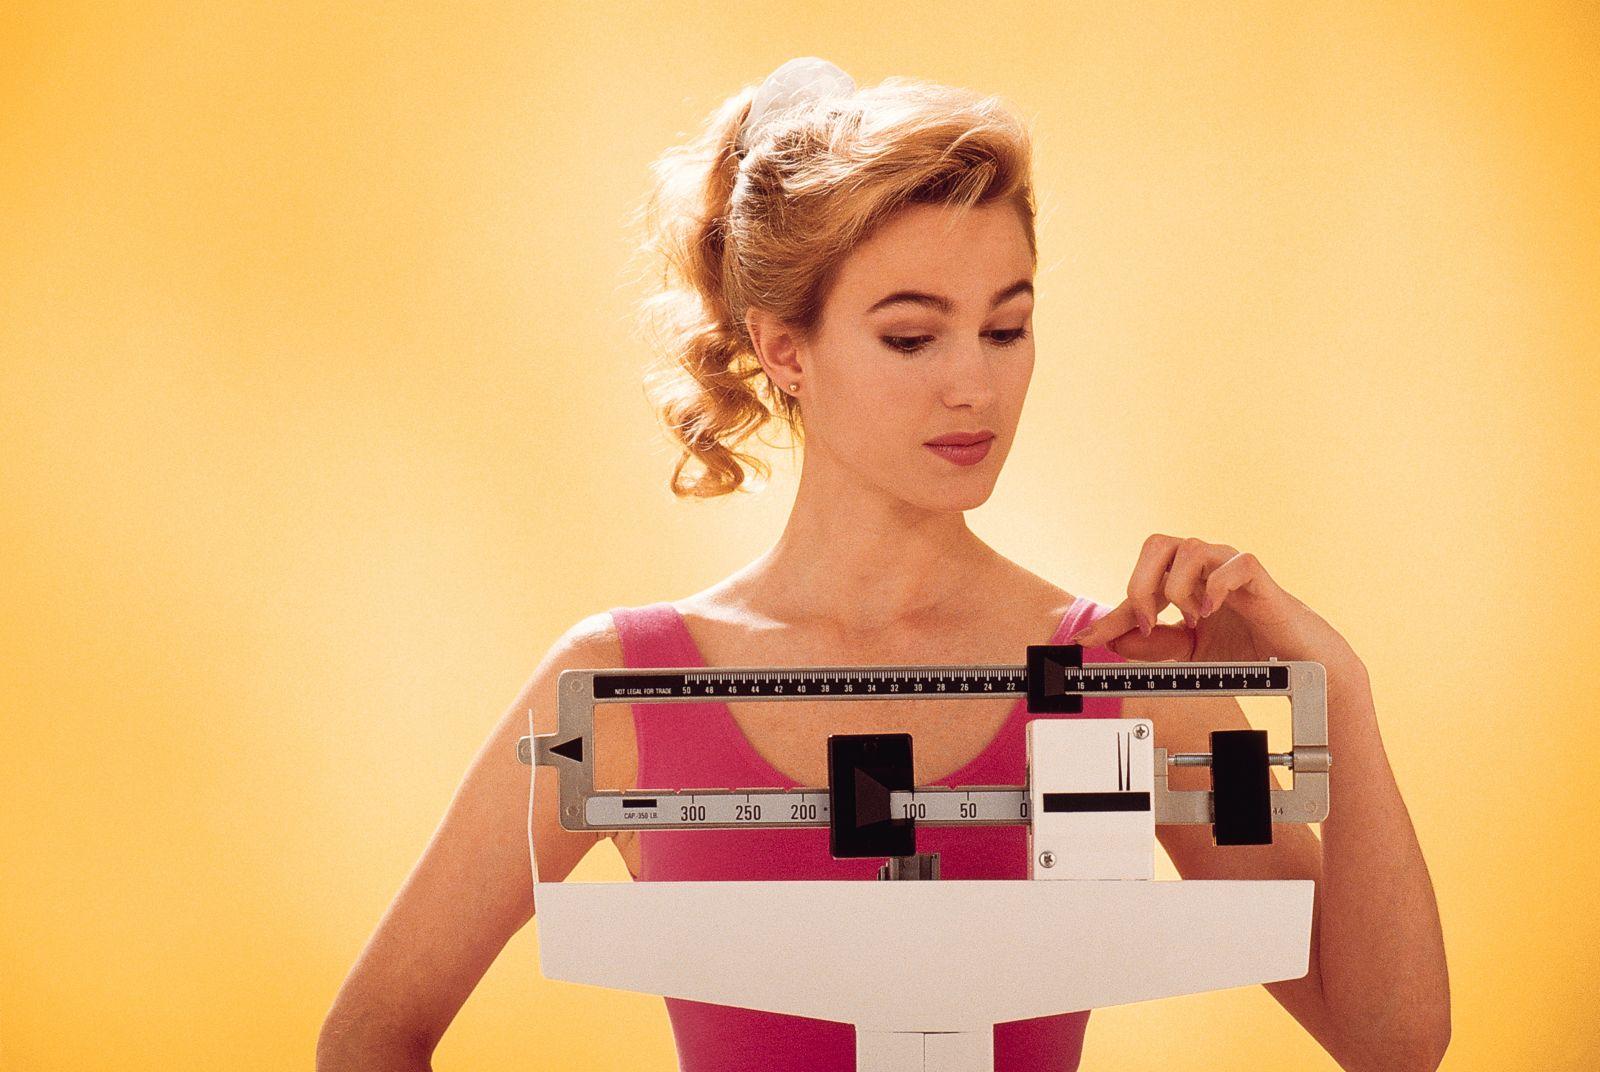 Булимия и анорексия: как распознать и обезвредить - фото №2